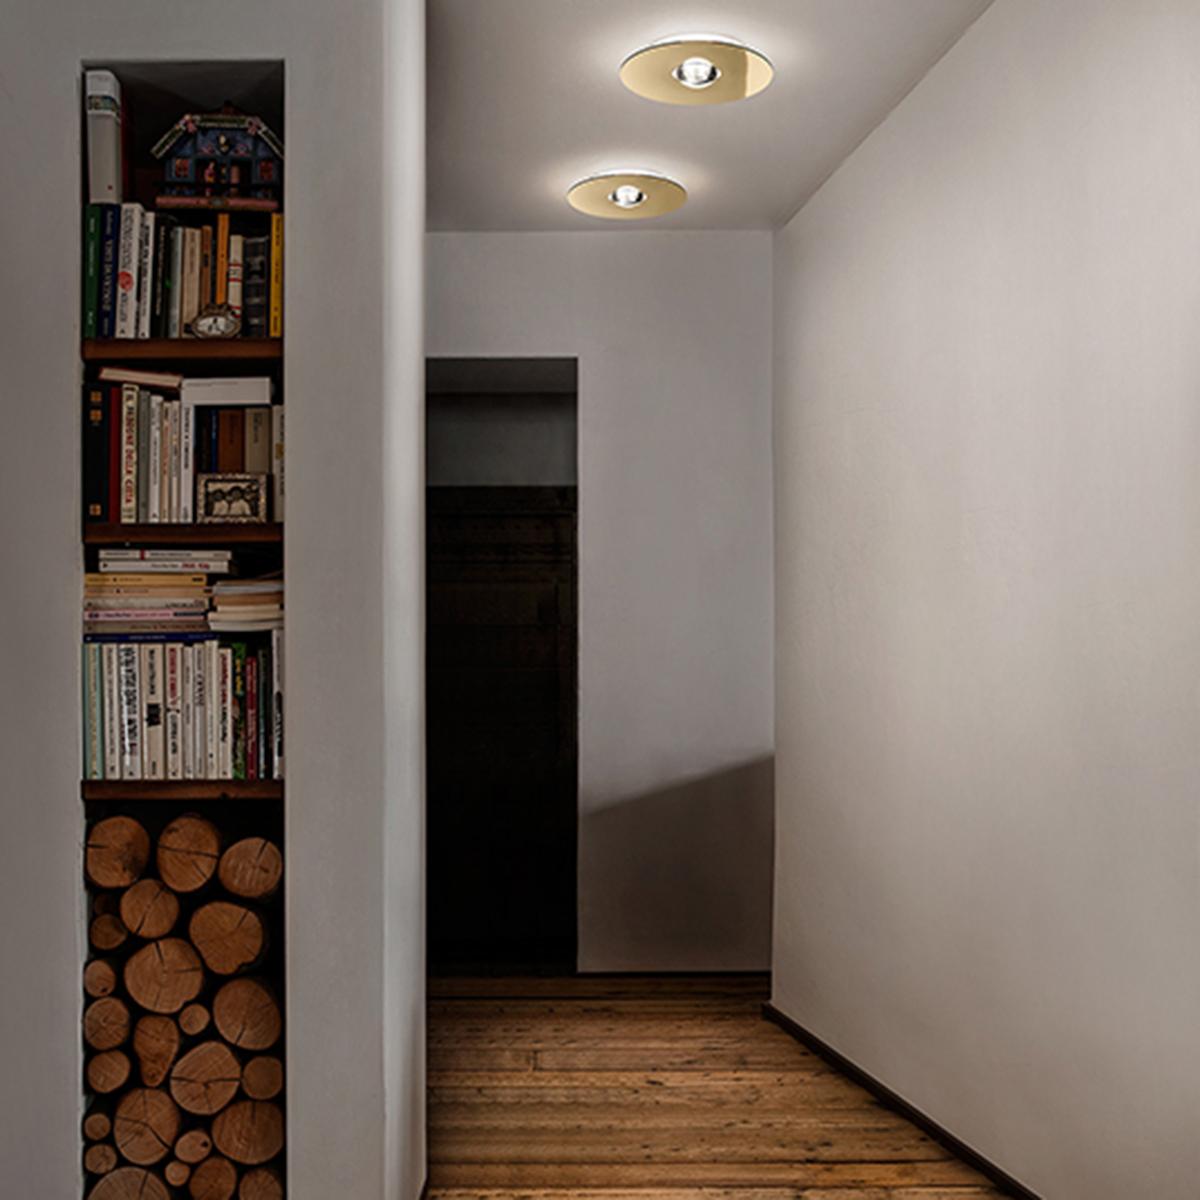 studio italia design bugia. Black Bedroom Furniture Sets. Home Design Ideas